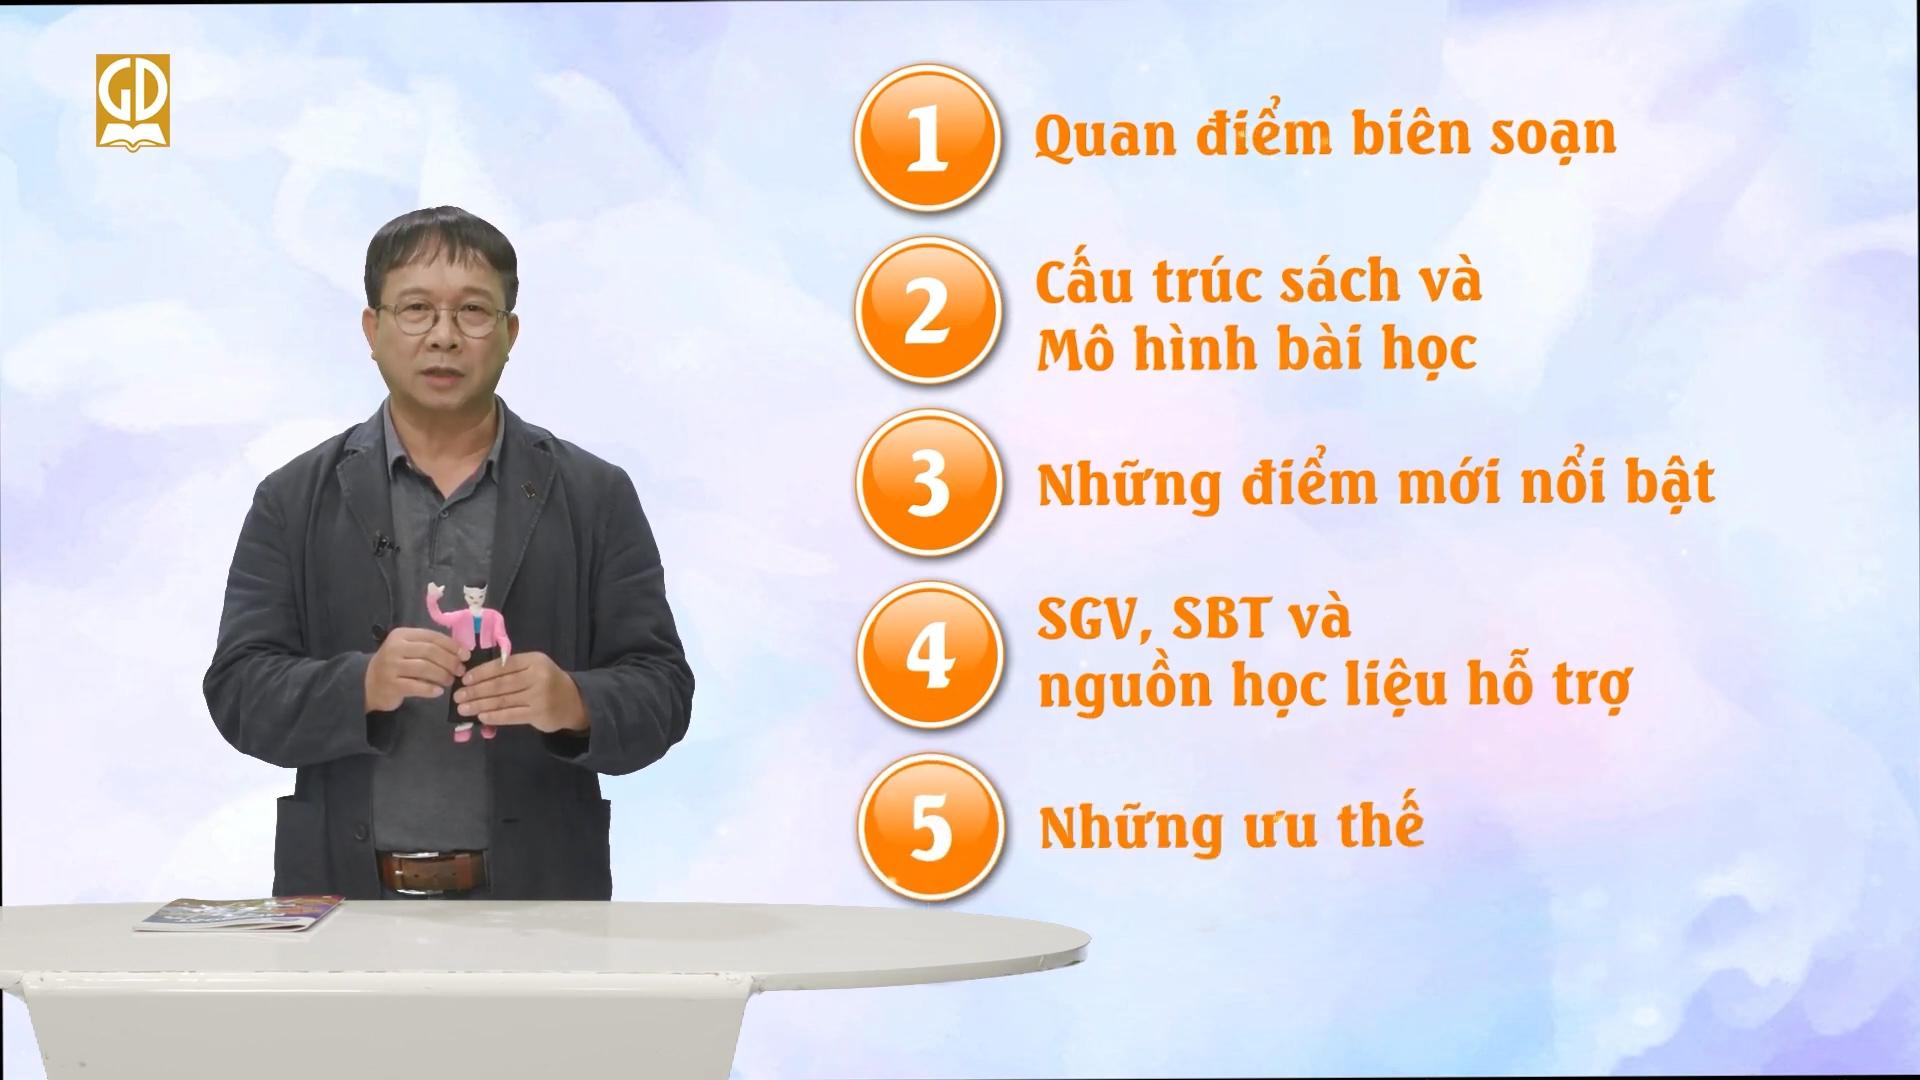 Giới thiệu Sách giáo khoa Mĩ thuật 6